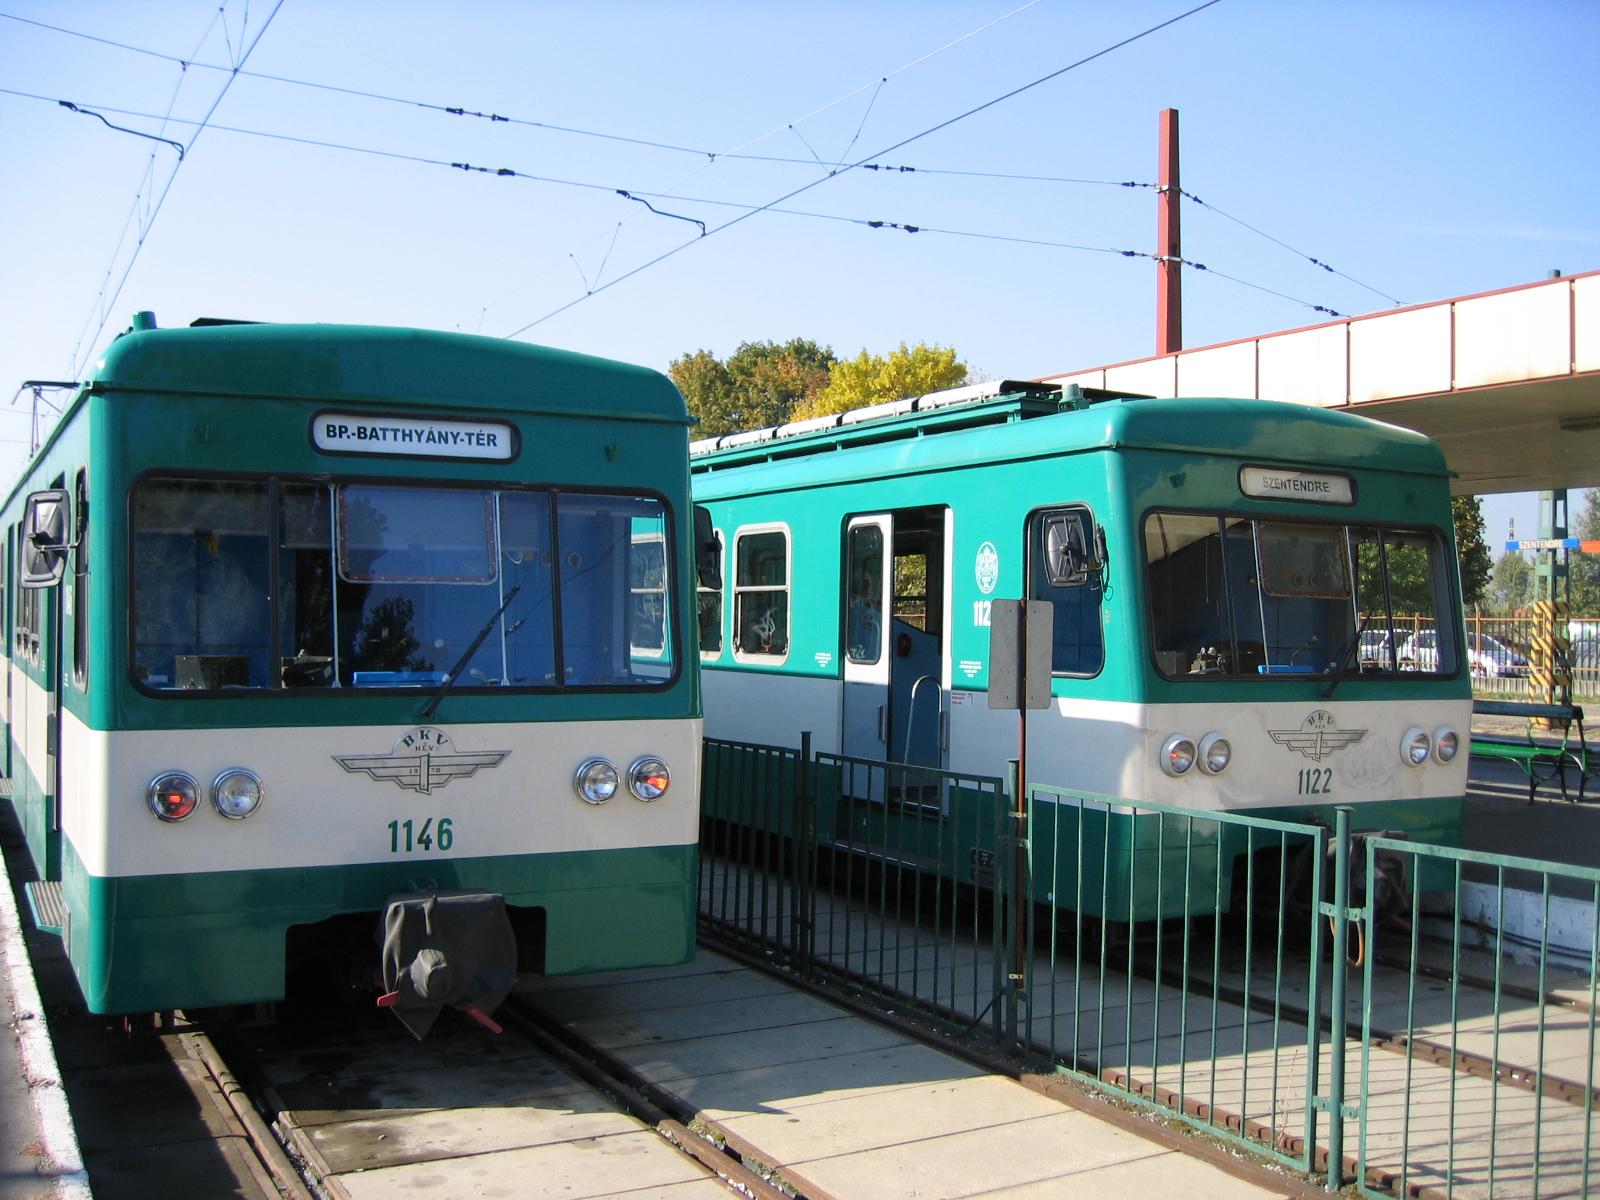 4,6 milliárd forintot ad a kormány a 2-es metró és a gödöllői HÉV összekötésének kiviteli terveire